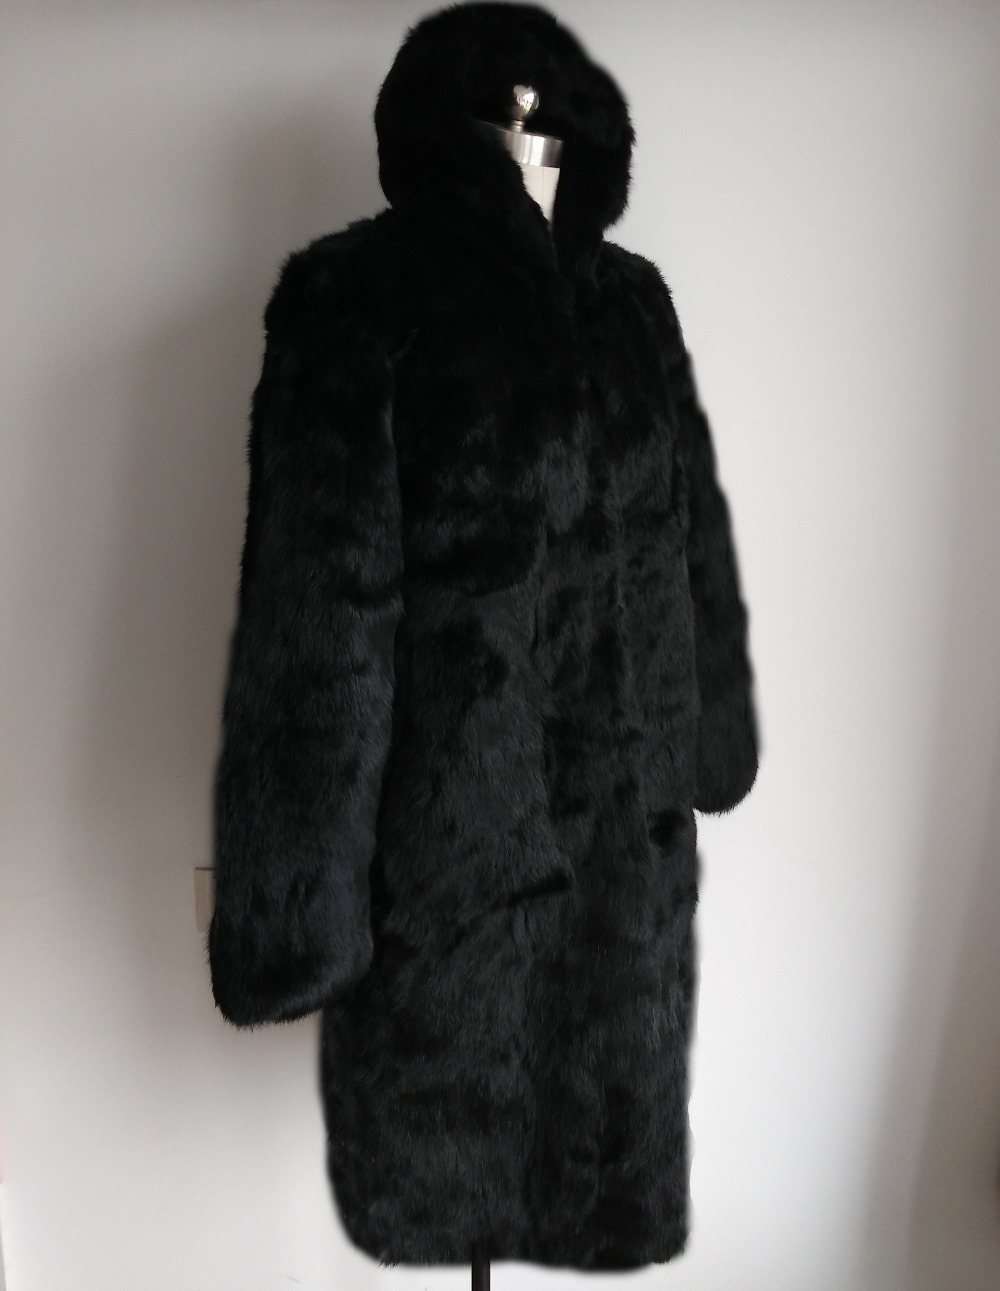 Lapin Long Réel Femmes Pelt Fourrure Pour Manteau Avec Gros Sr84 X De Capuchon Usine Naturel Complet 100 Prix Oem YxSwn88